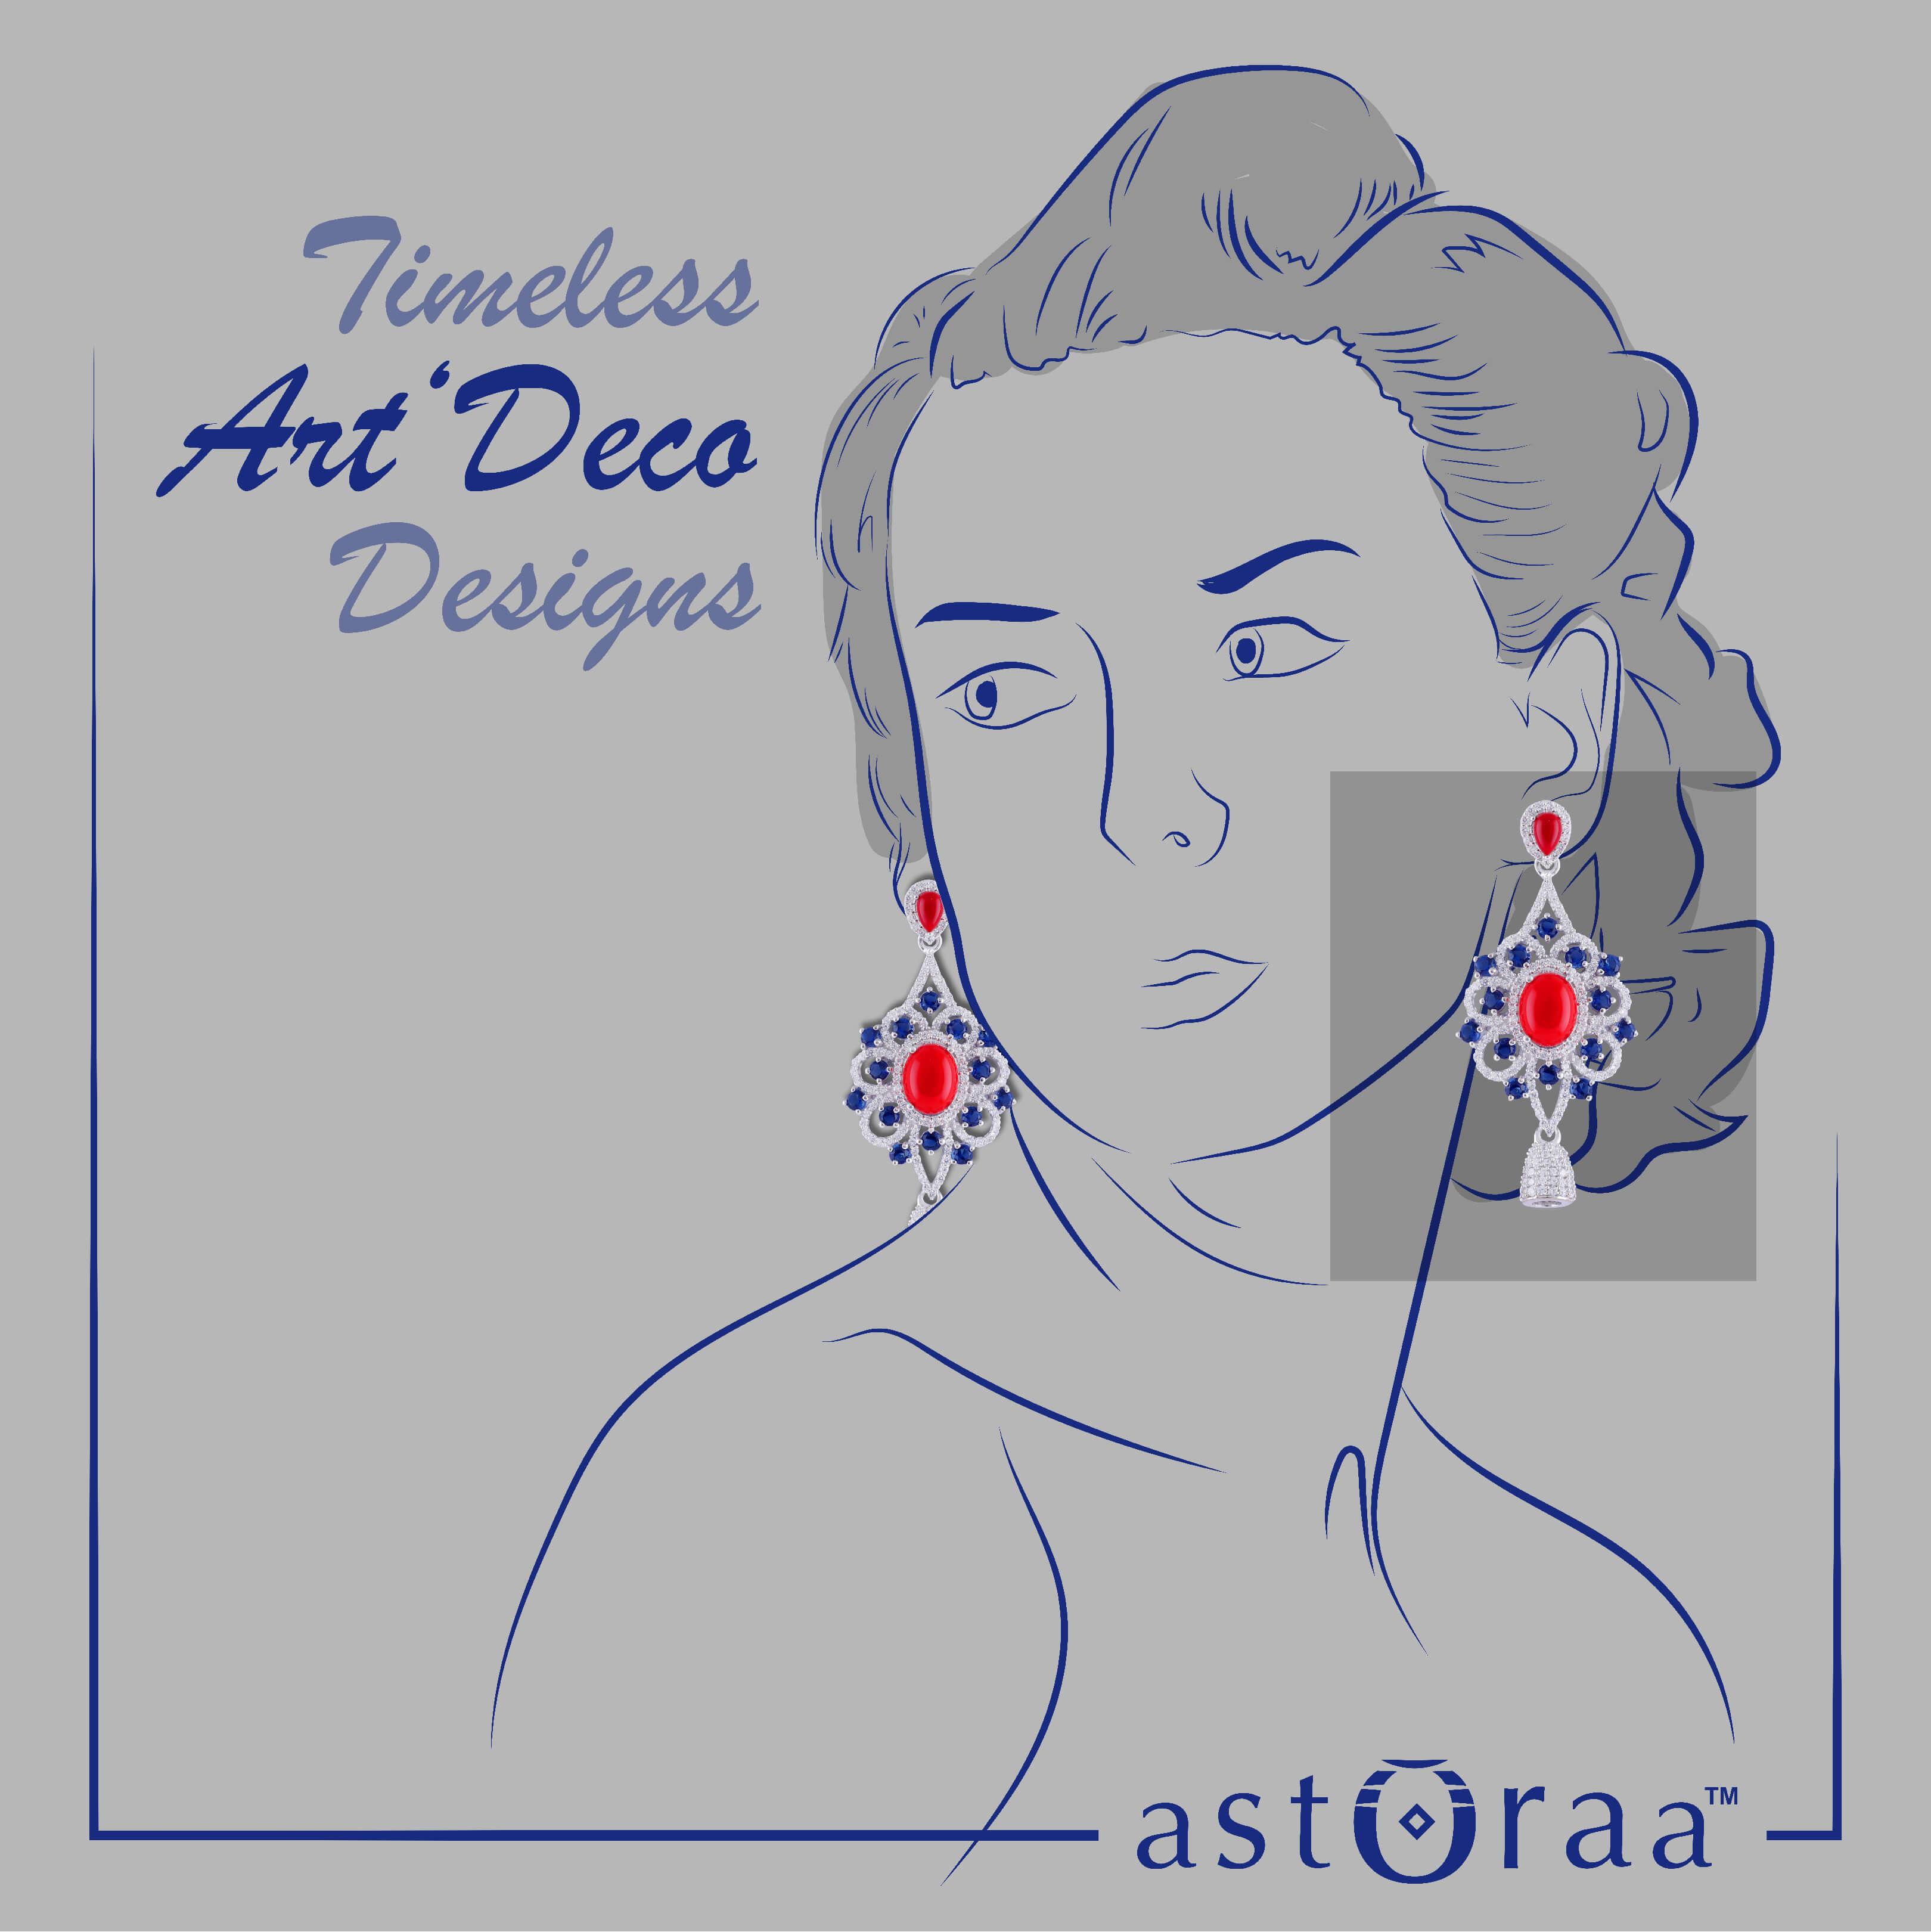 Astoraa studio content 7-1-2020 2-04.jpg